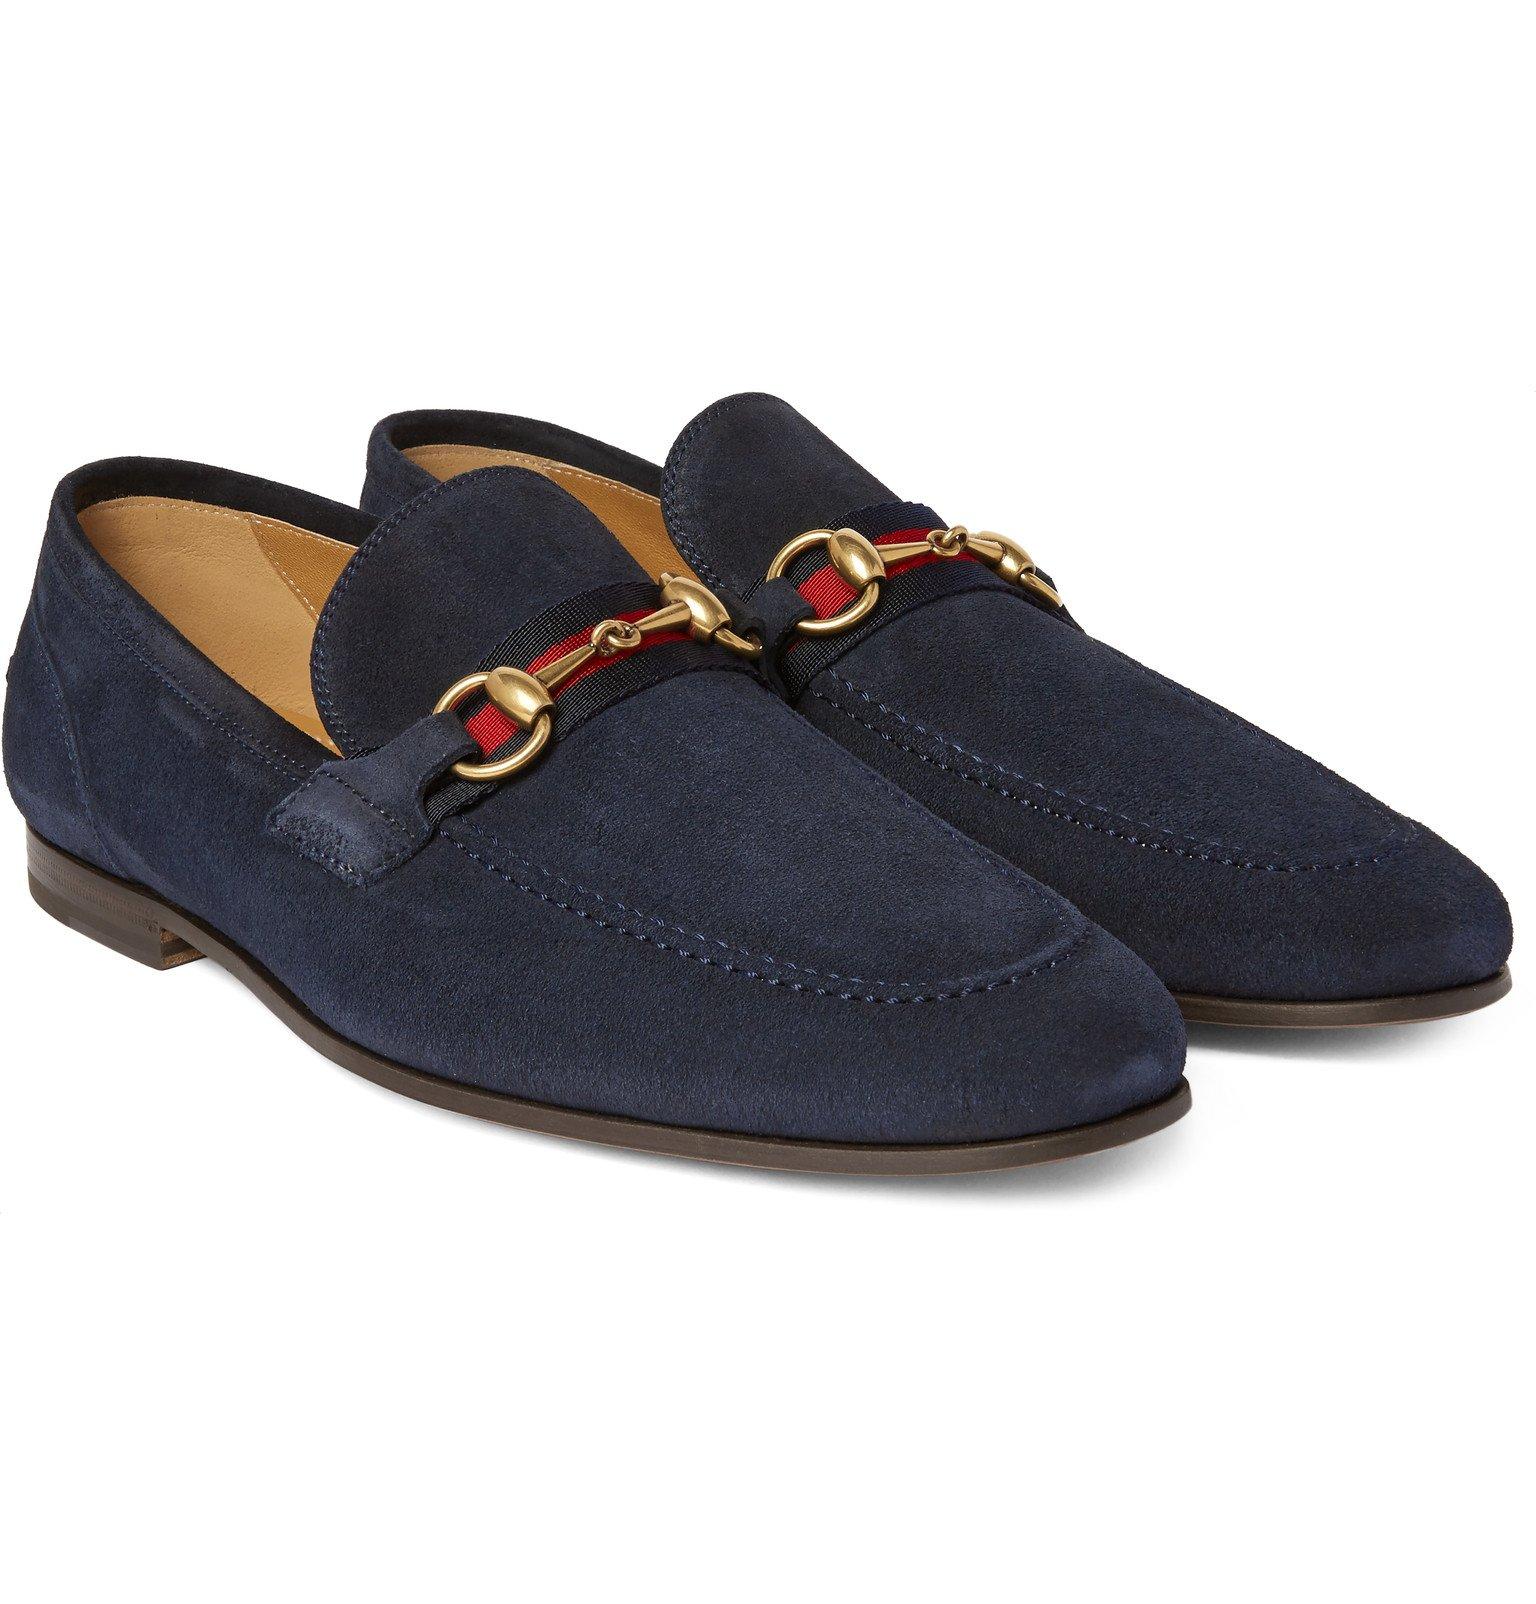 gucci horsebit webbing trimmed suede loafers in blue for men lyst. Black Bedroom Furniture Sets. Home Design Ideas